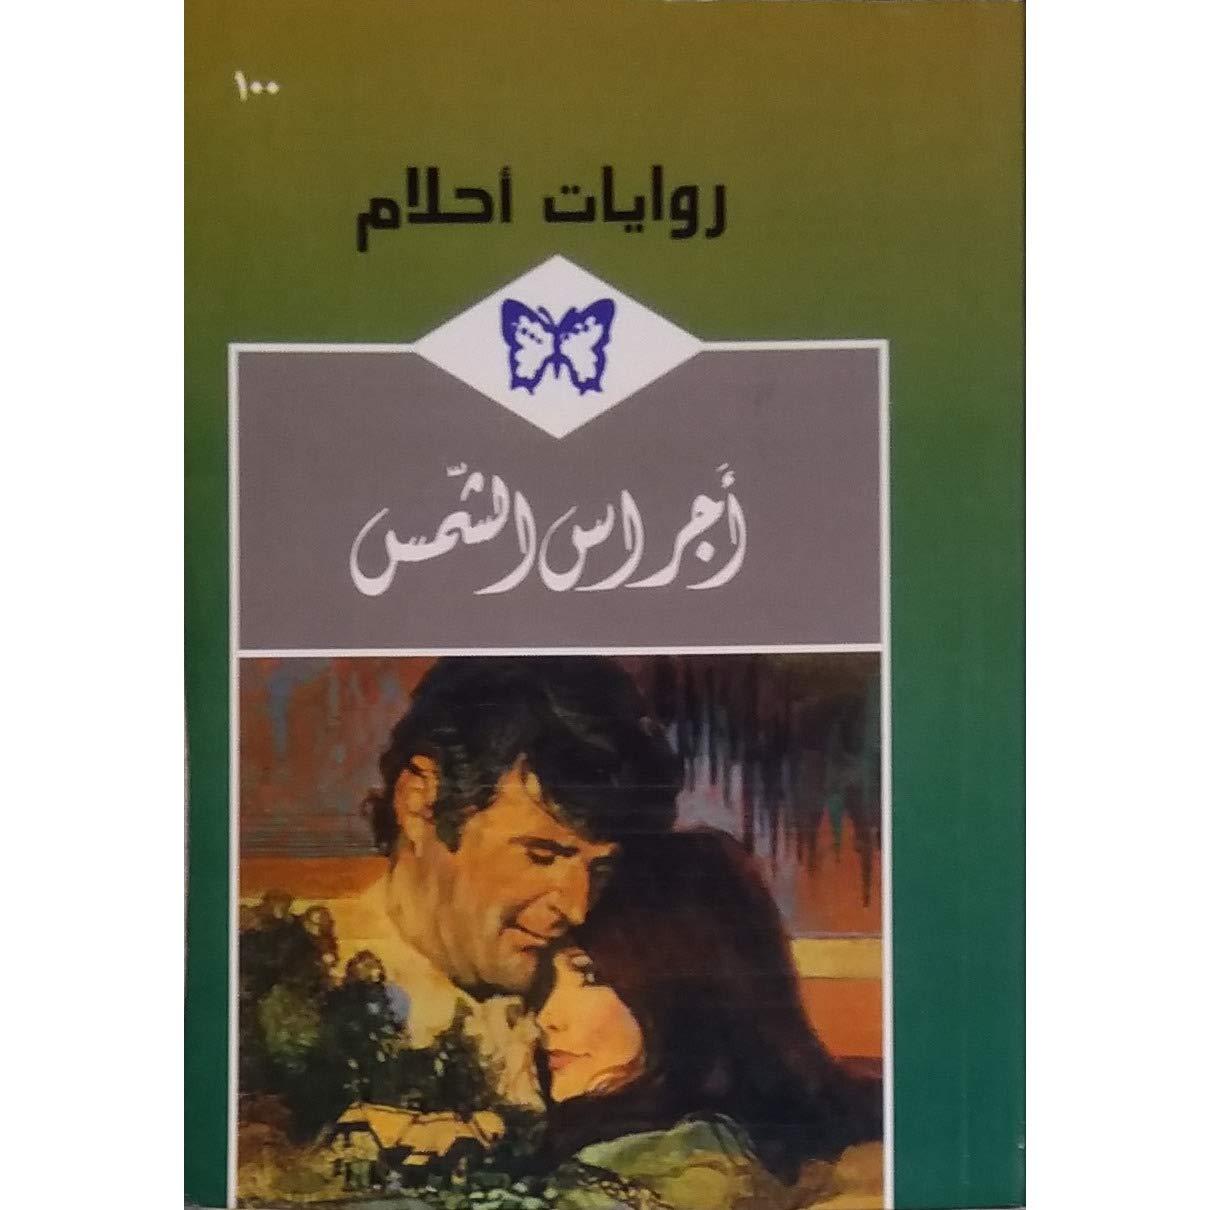 صورة روايات احلام المكتوبة , اروع قصص الحب الرومانسية